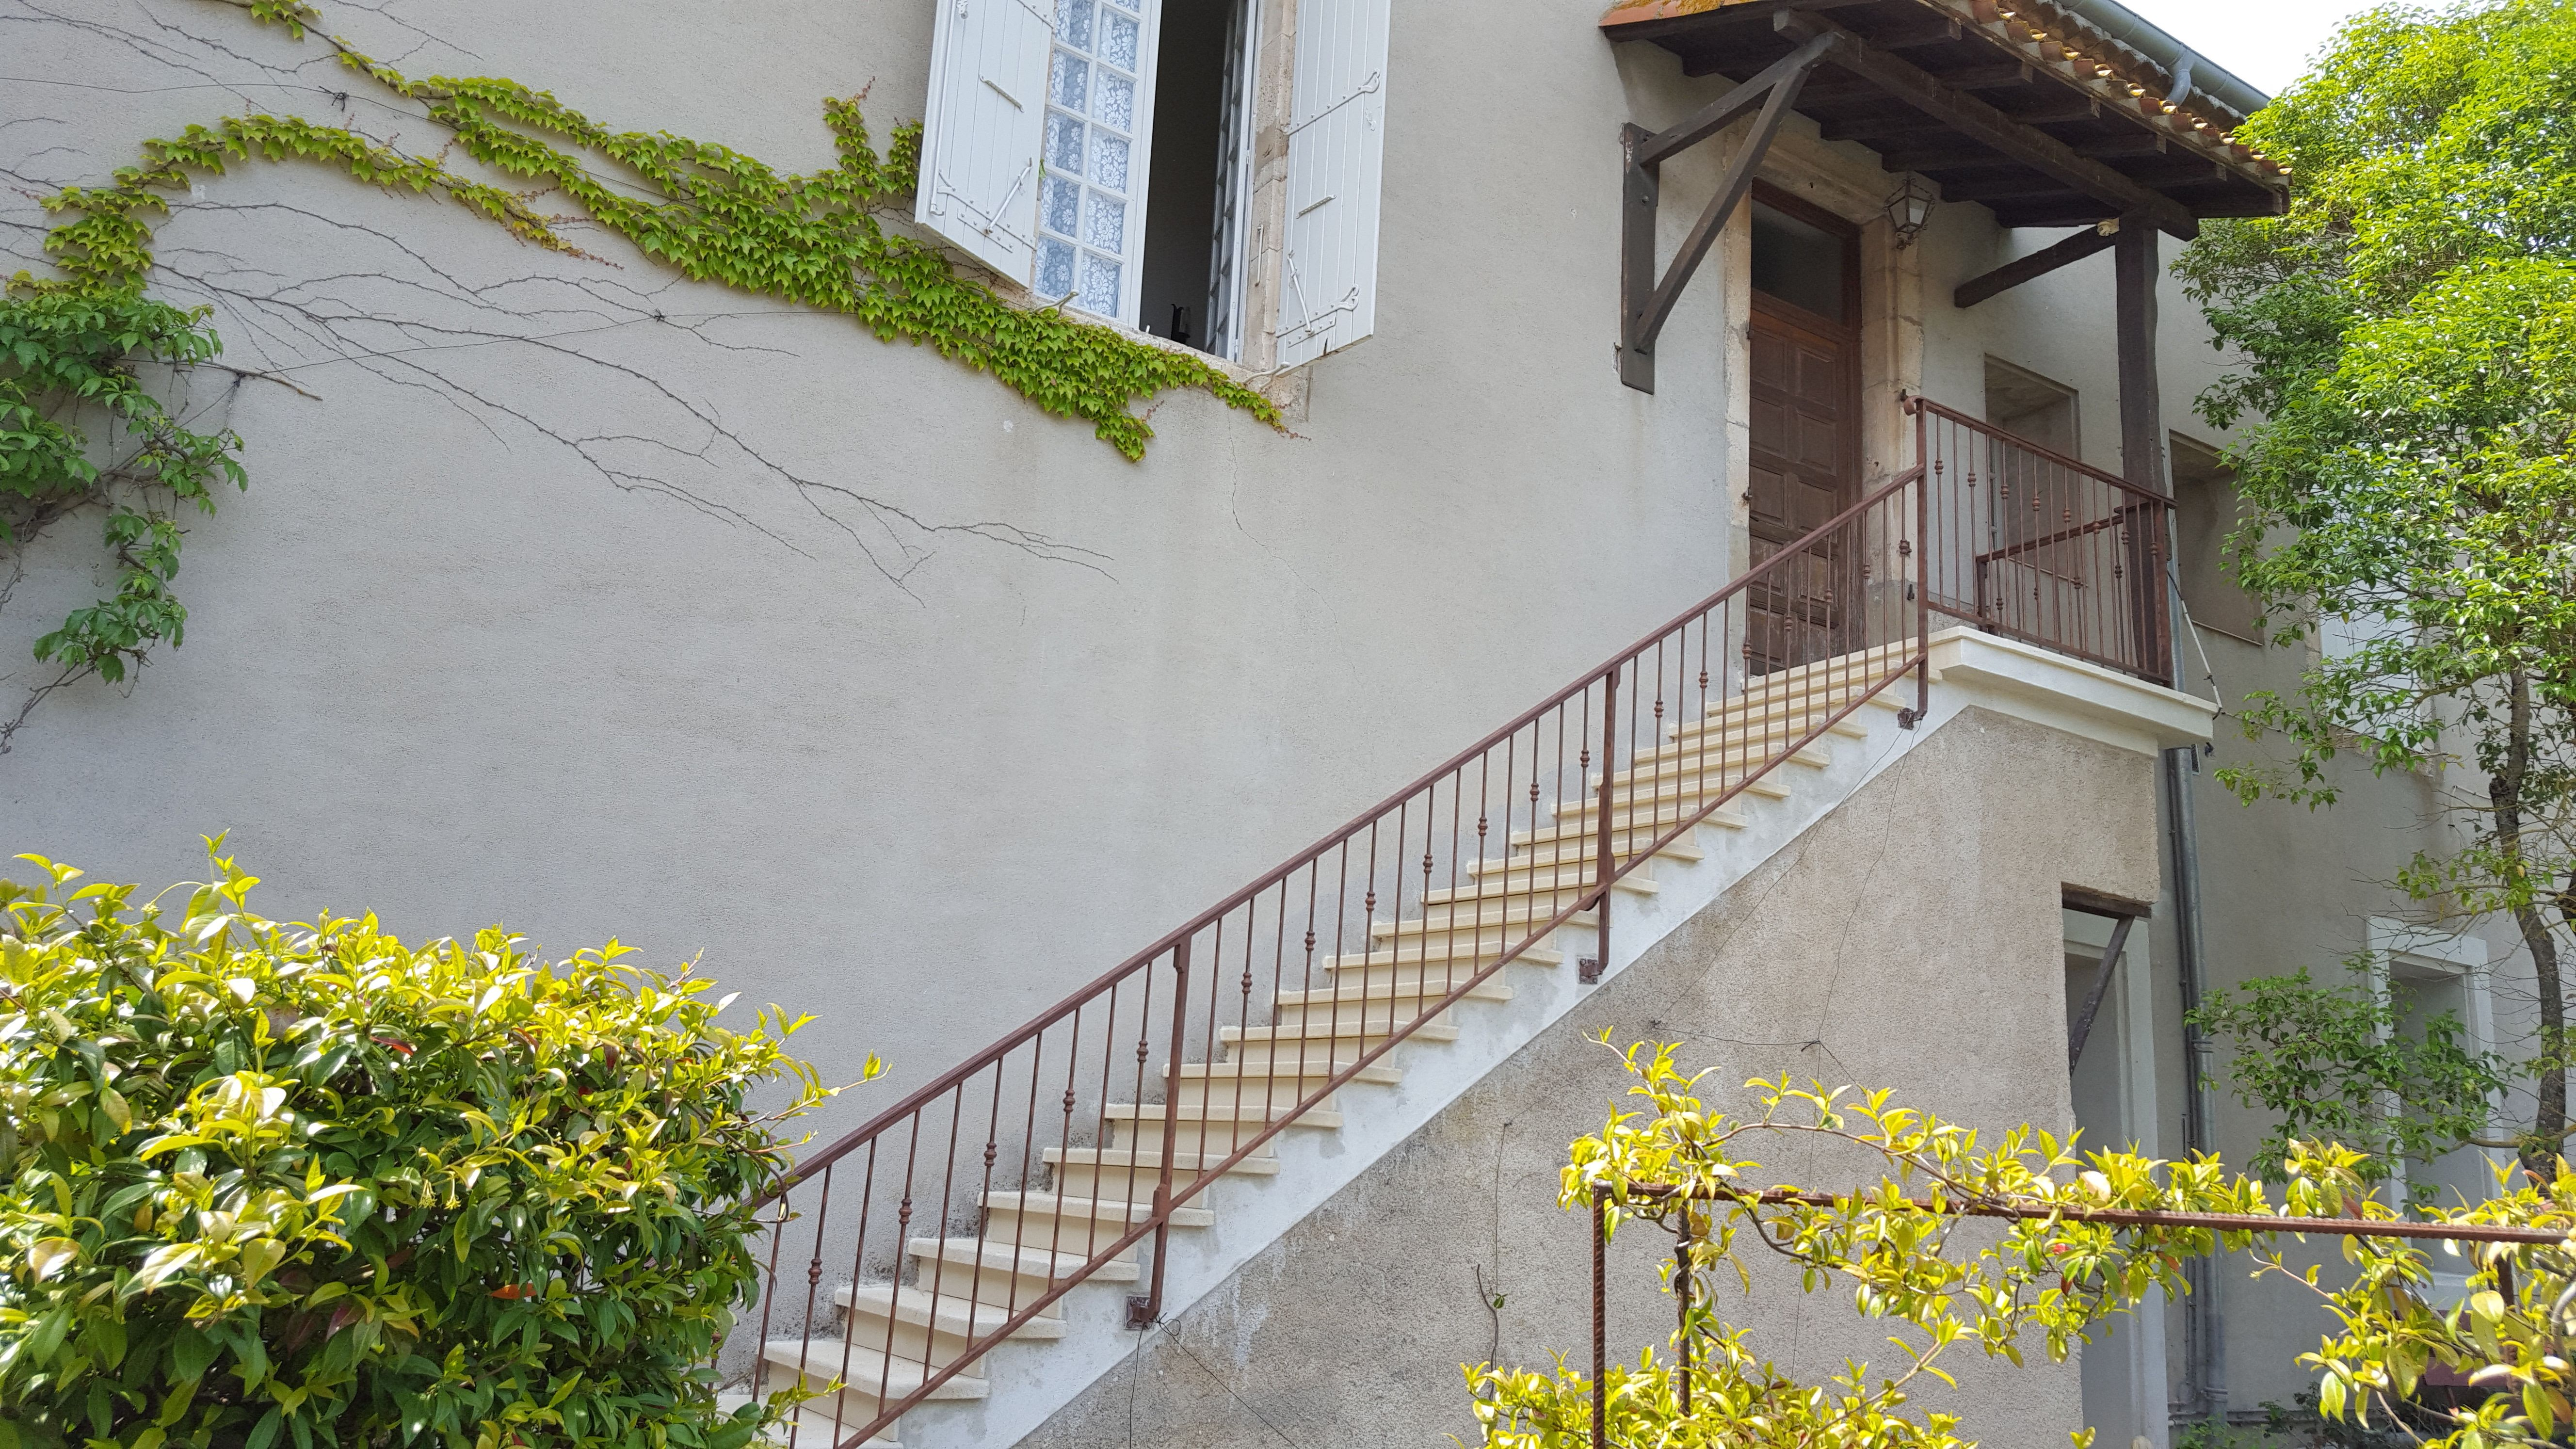 Habiller Un Pilier En Beton aménagez harmonieusement vos extérieurs : escaliers, murets,